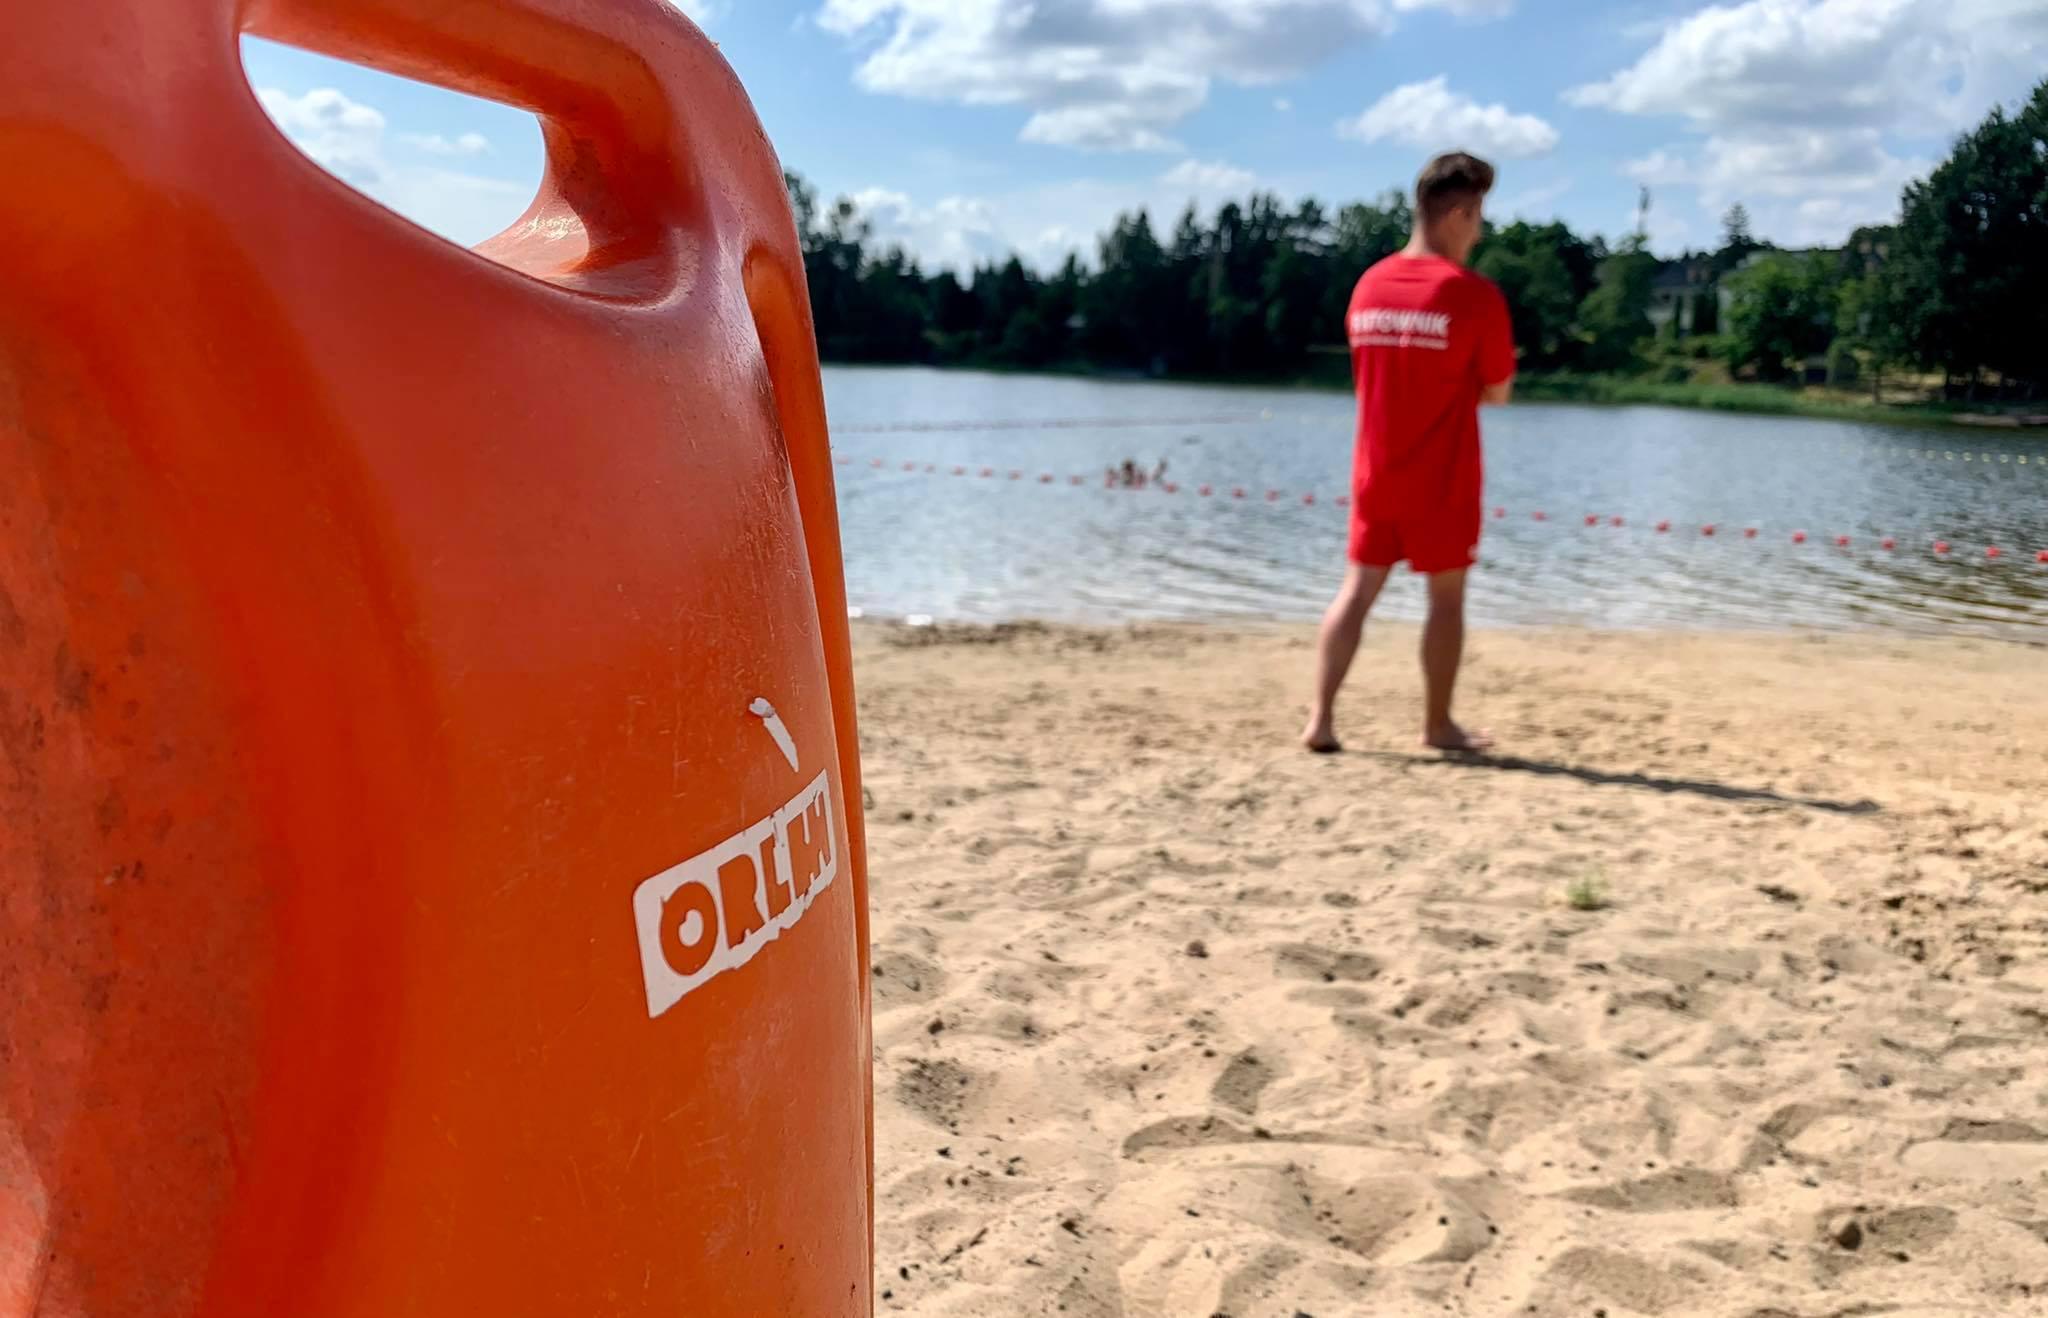 PKN Orlen i WOPR zapraszają do Grabiny. Kąpielisko oficjalnie otwarte [ZDJĘCIA] - Zdjęcie główne